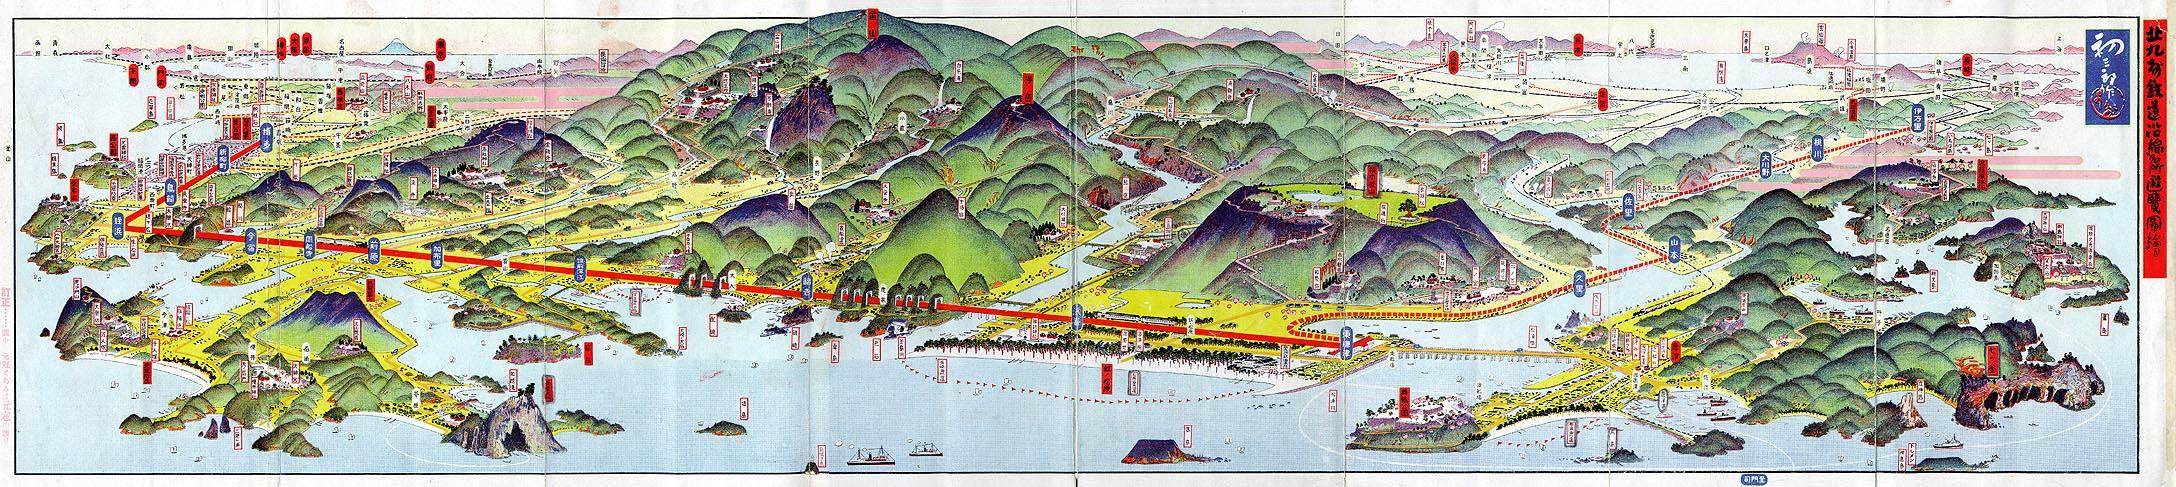 【地图】日本城市手绘鸟瞰地图and各国人眼里的世界